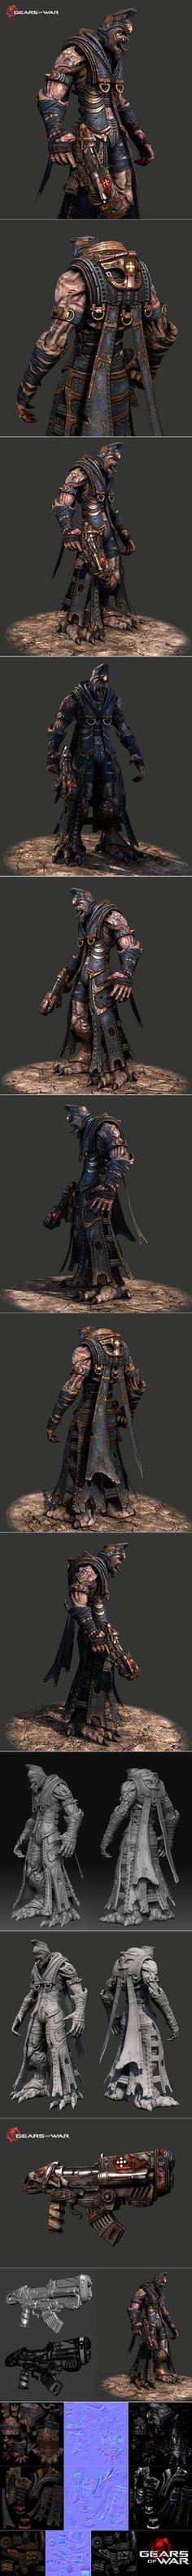 Gears of war 'Kantus Priest' by doombadoomba.deviantart.com on @DeviantArt